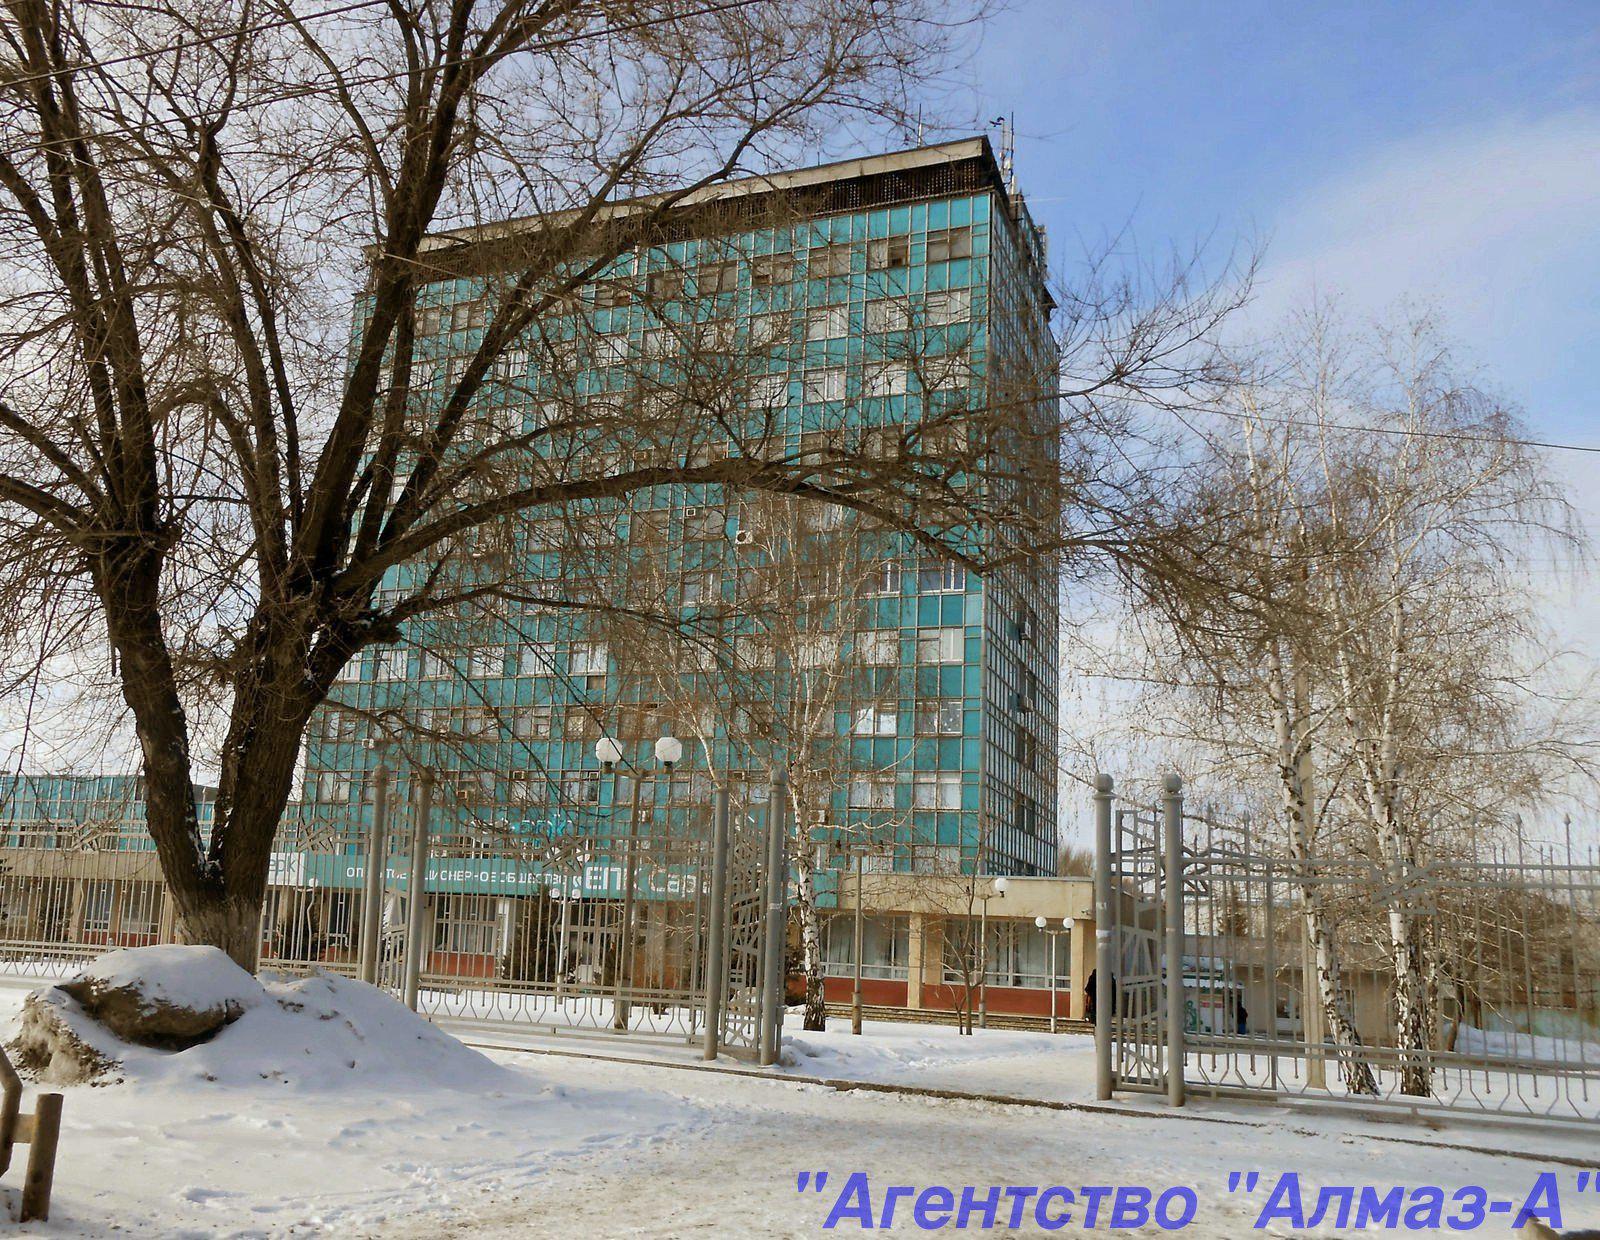 Заводской район, Подшипниковый завод, ГПЗ-3